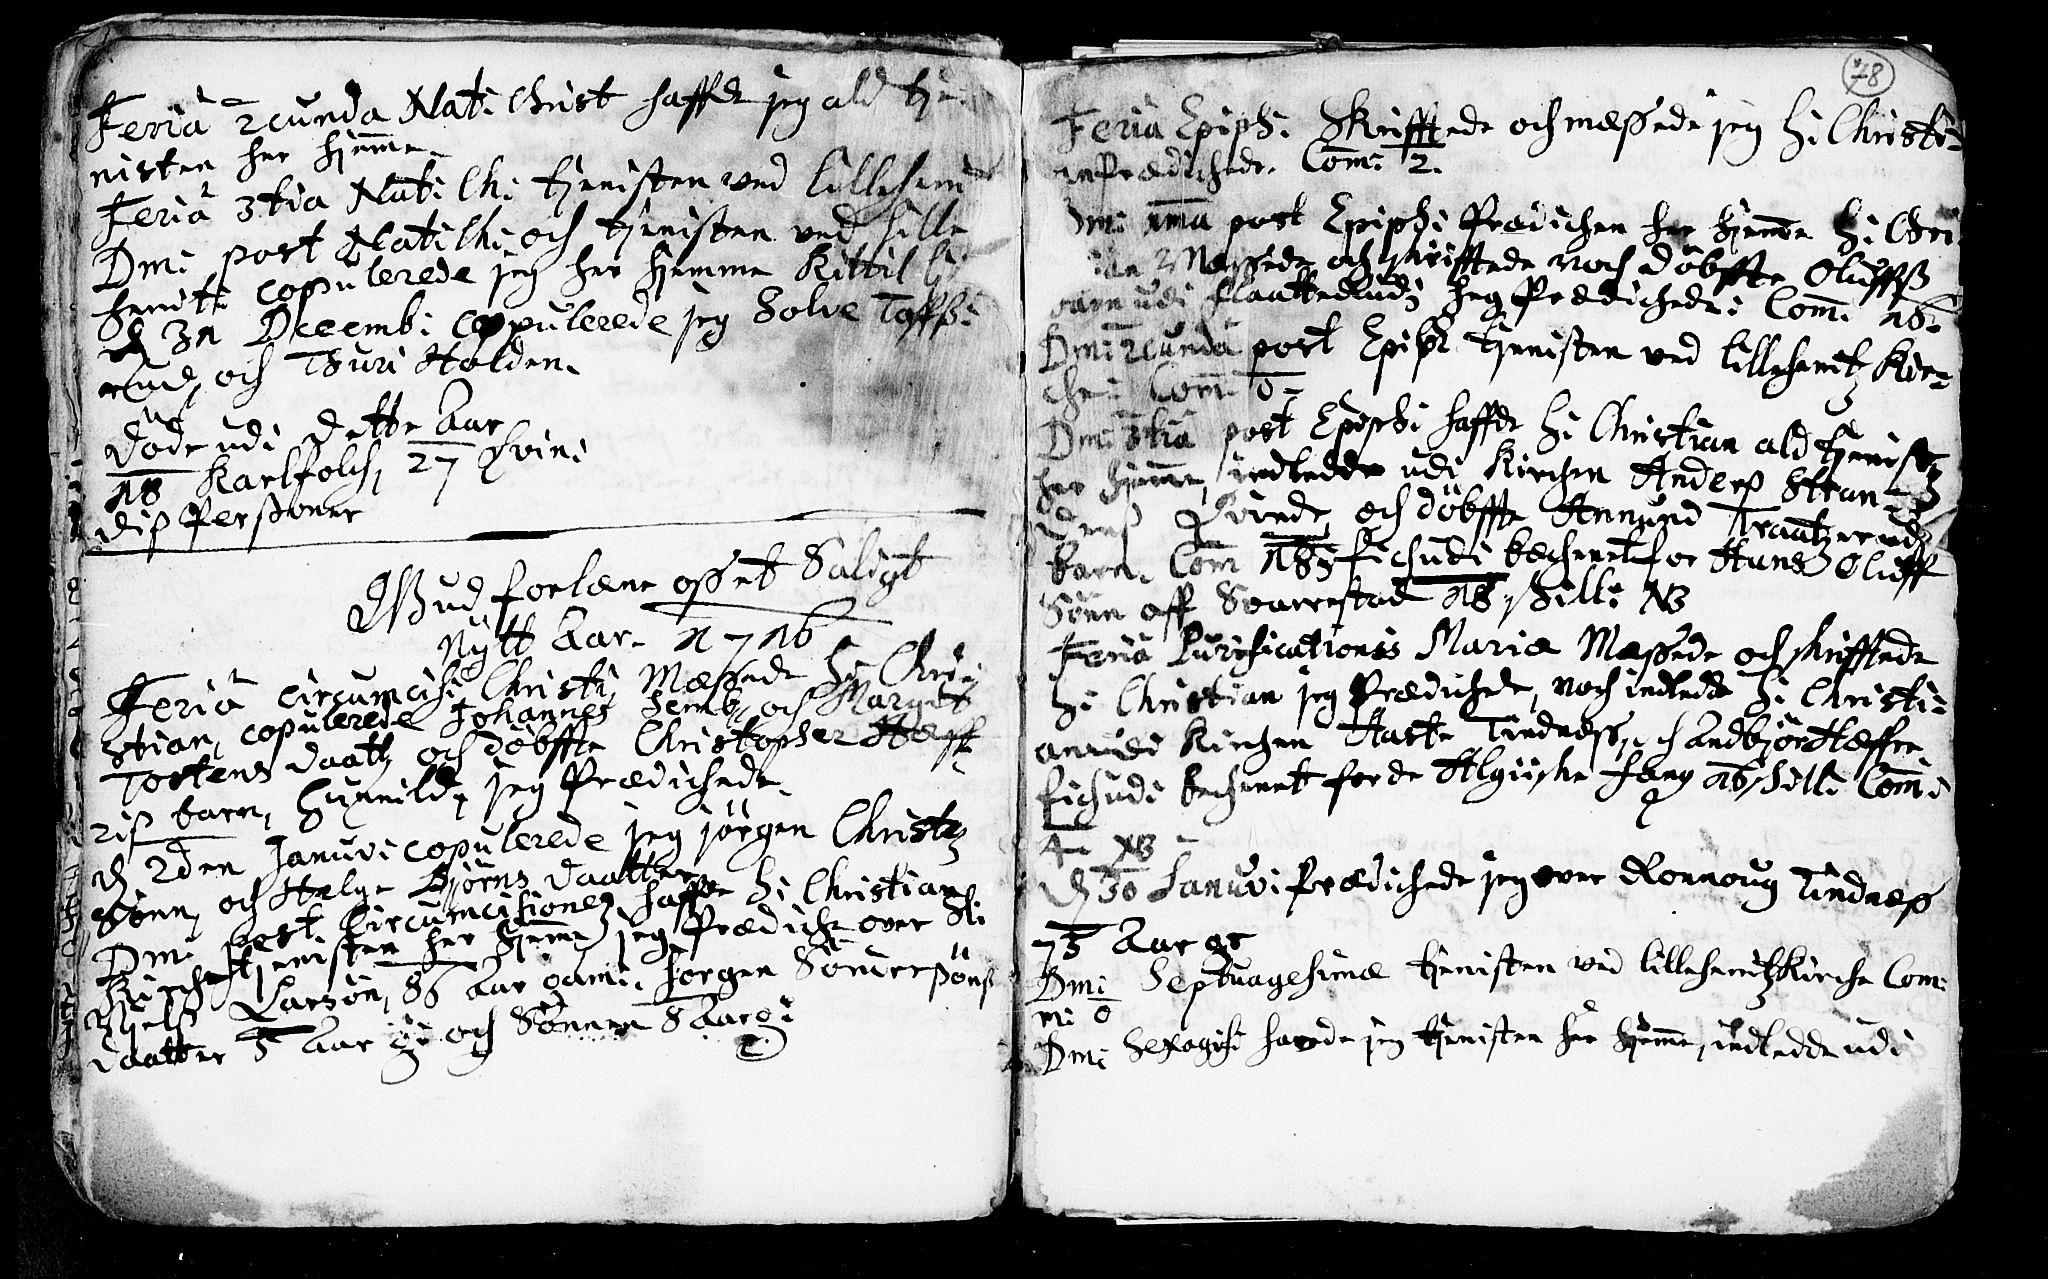 SAKO, Heddal kirkebøker, F/Fa/L0002: Ministerialbok nr. I 2, 1699-1722, s. 78